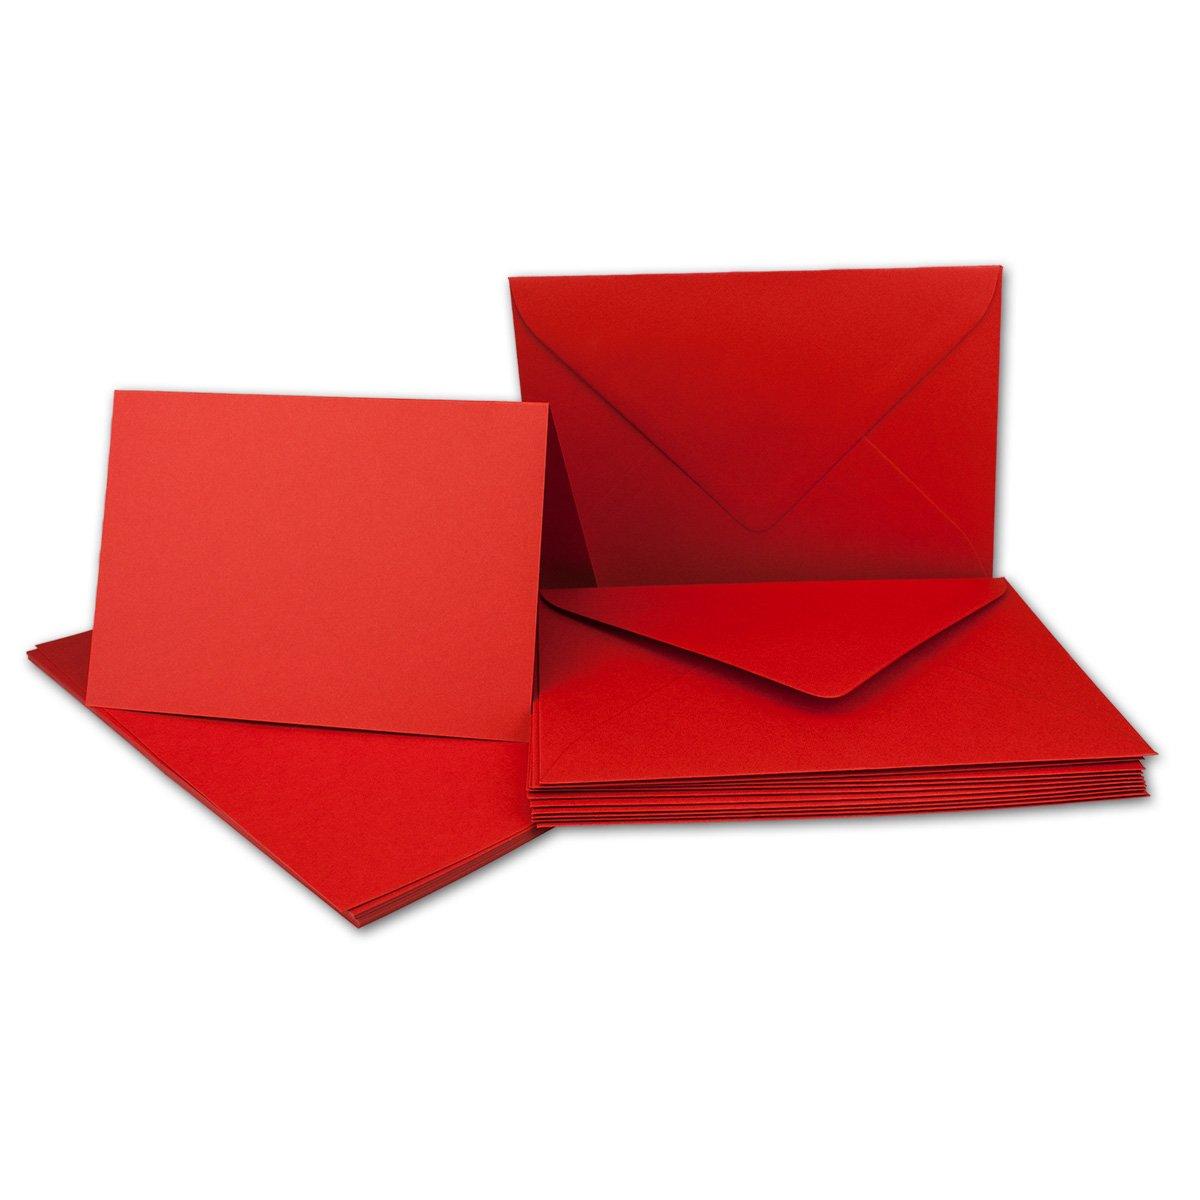 Faltkarten Set mit Brief-Umschlägen DIN A6   C6 in Rosanrot   100 Sets   14,8 x 10,5 cm   Premium Qualität   Serie FarbenFroh® B07255W9S1 | Attraktiv Und Langlebig